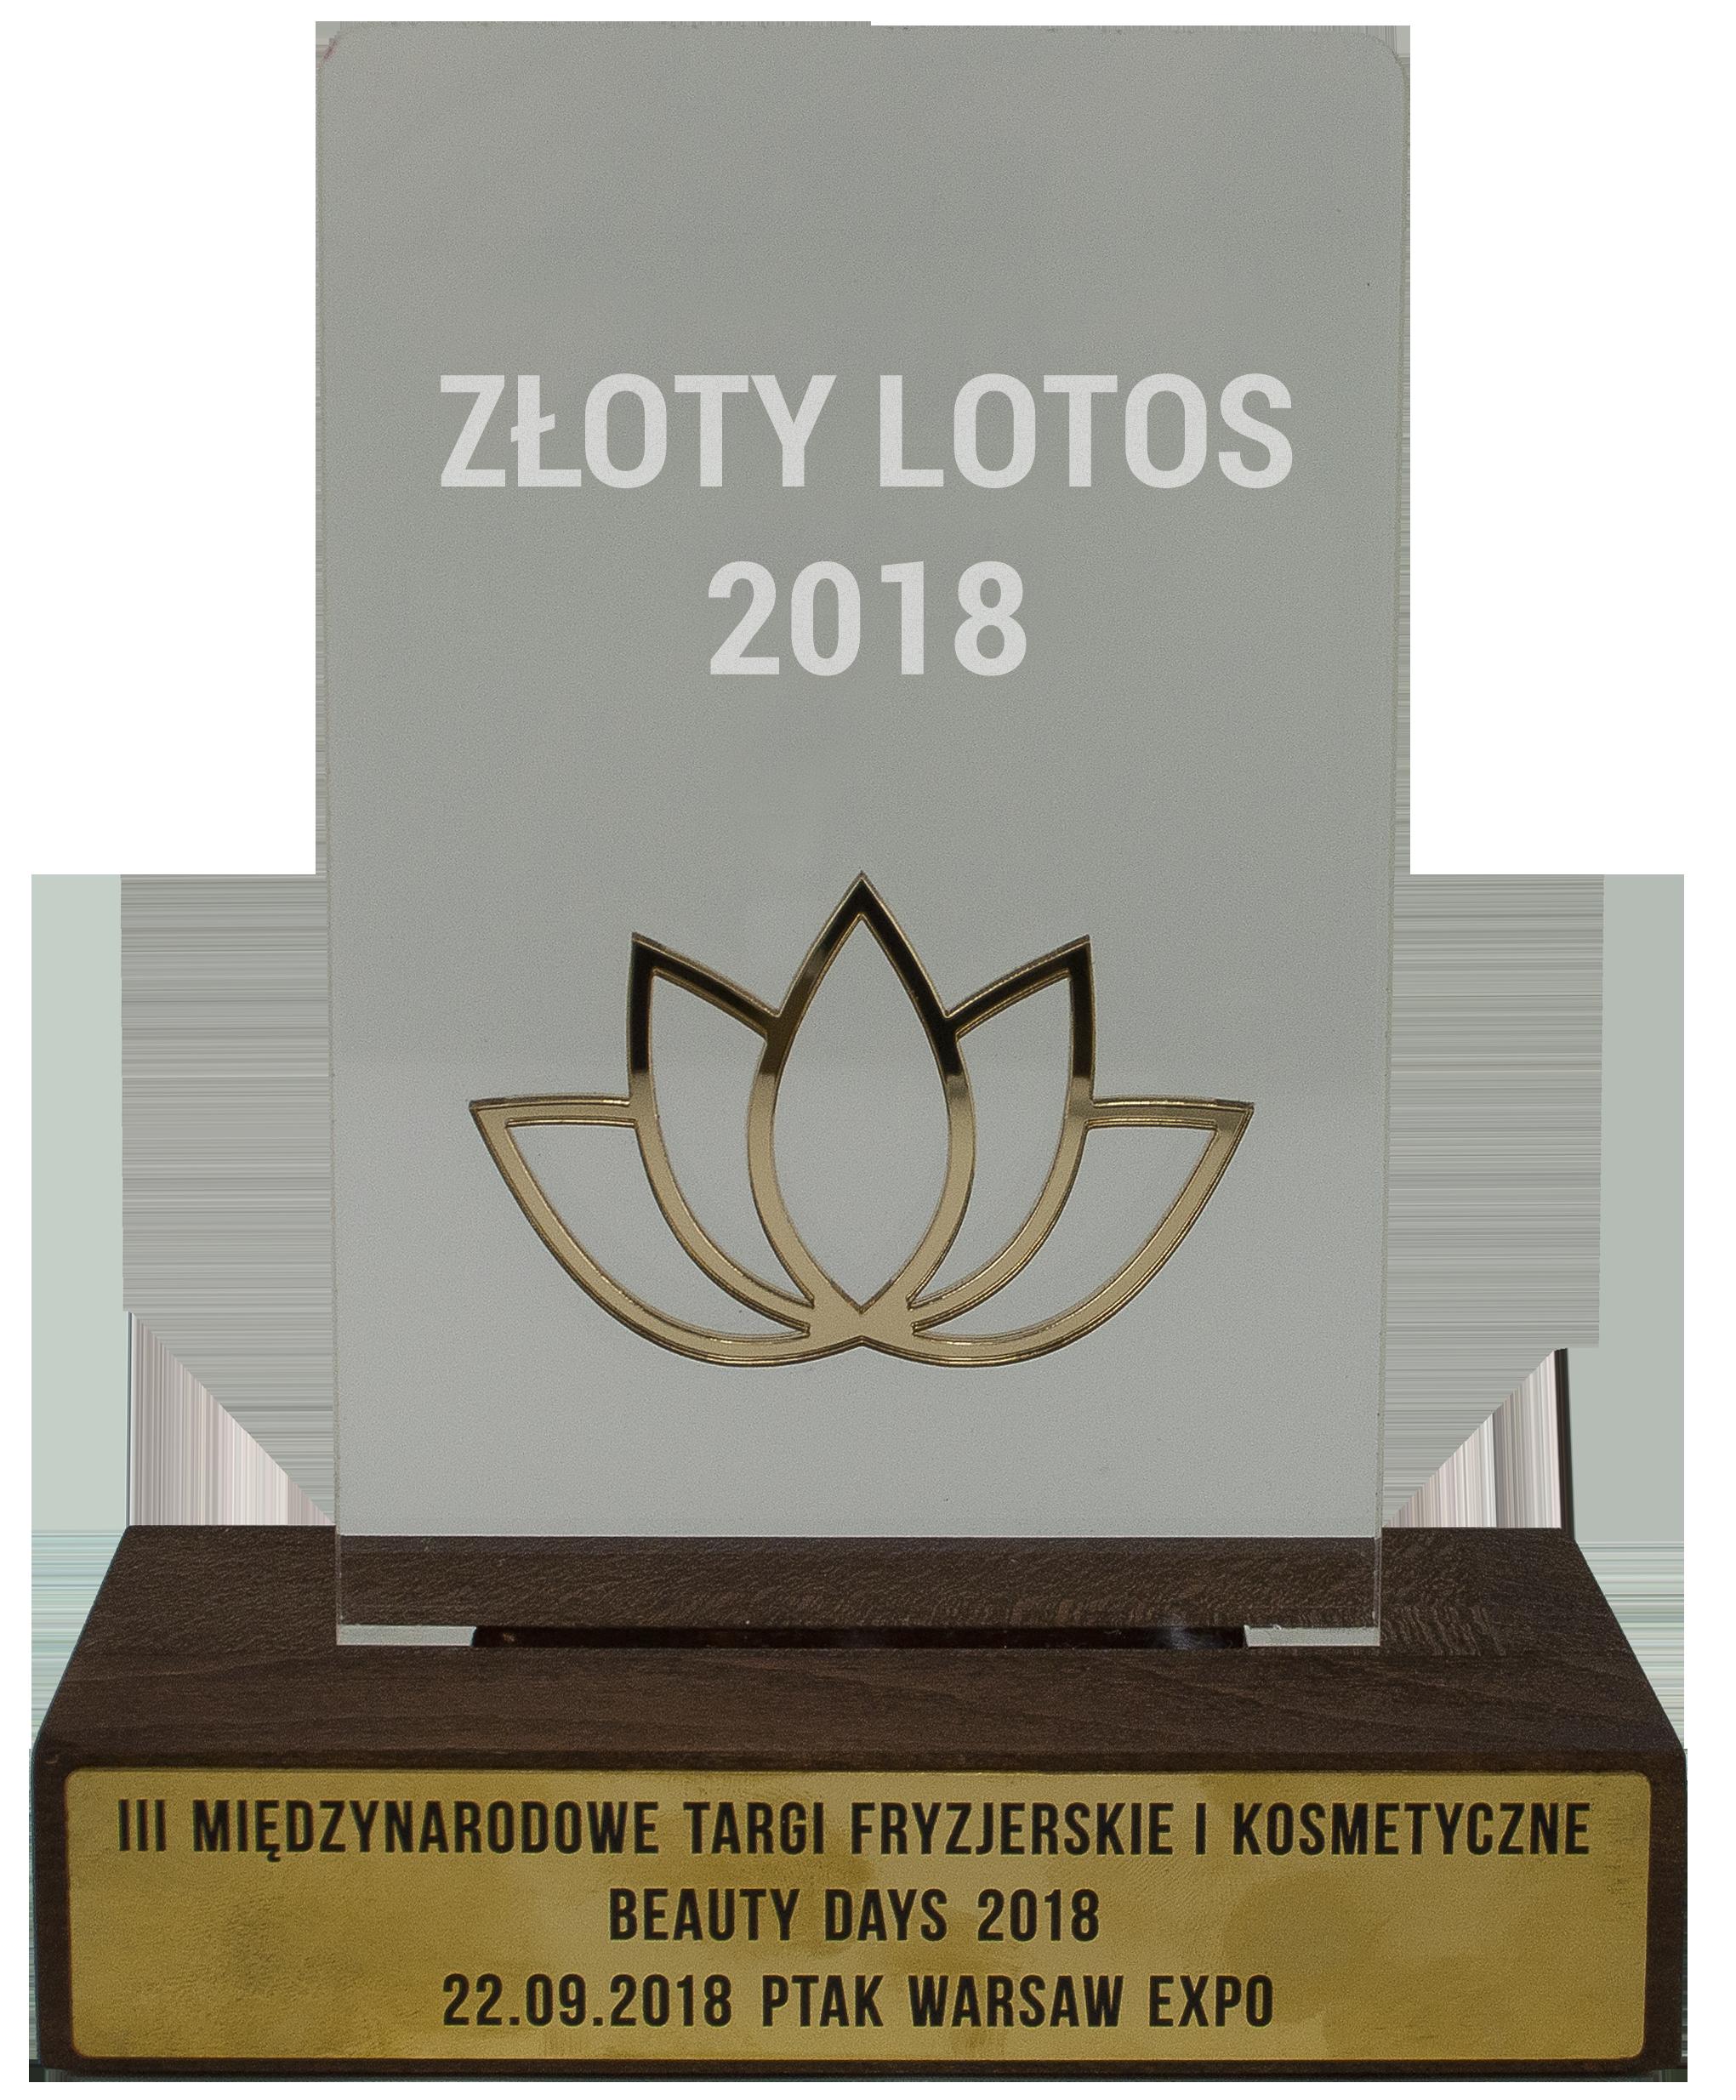 Złoty lotos 2018 Ingenii